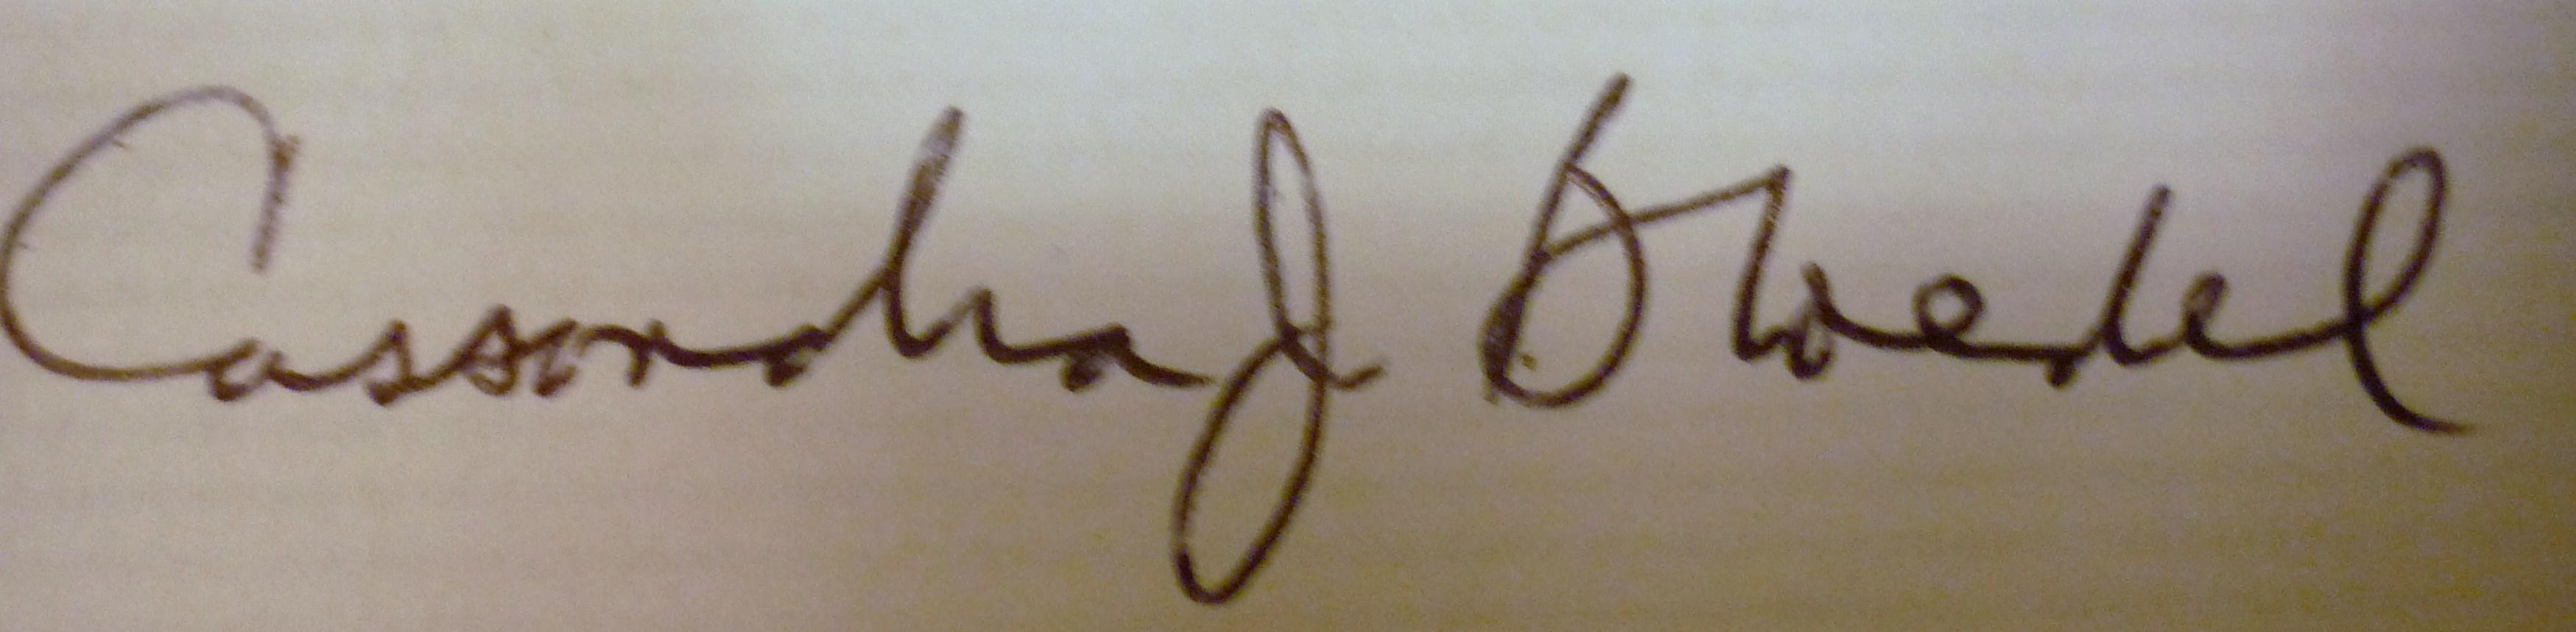 Cassandra Bloedel's Signature